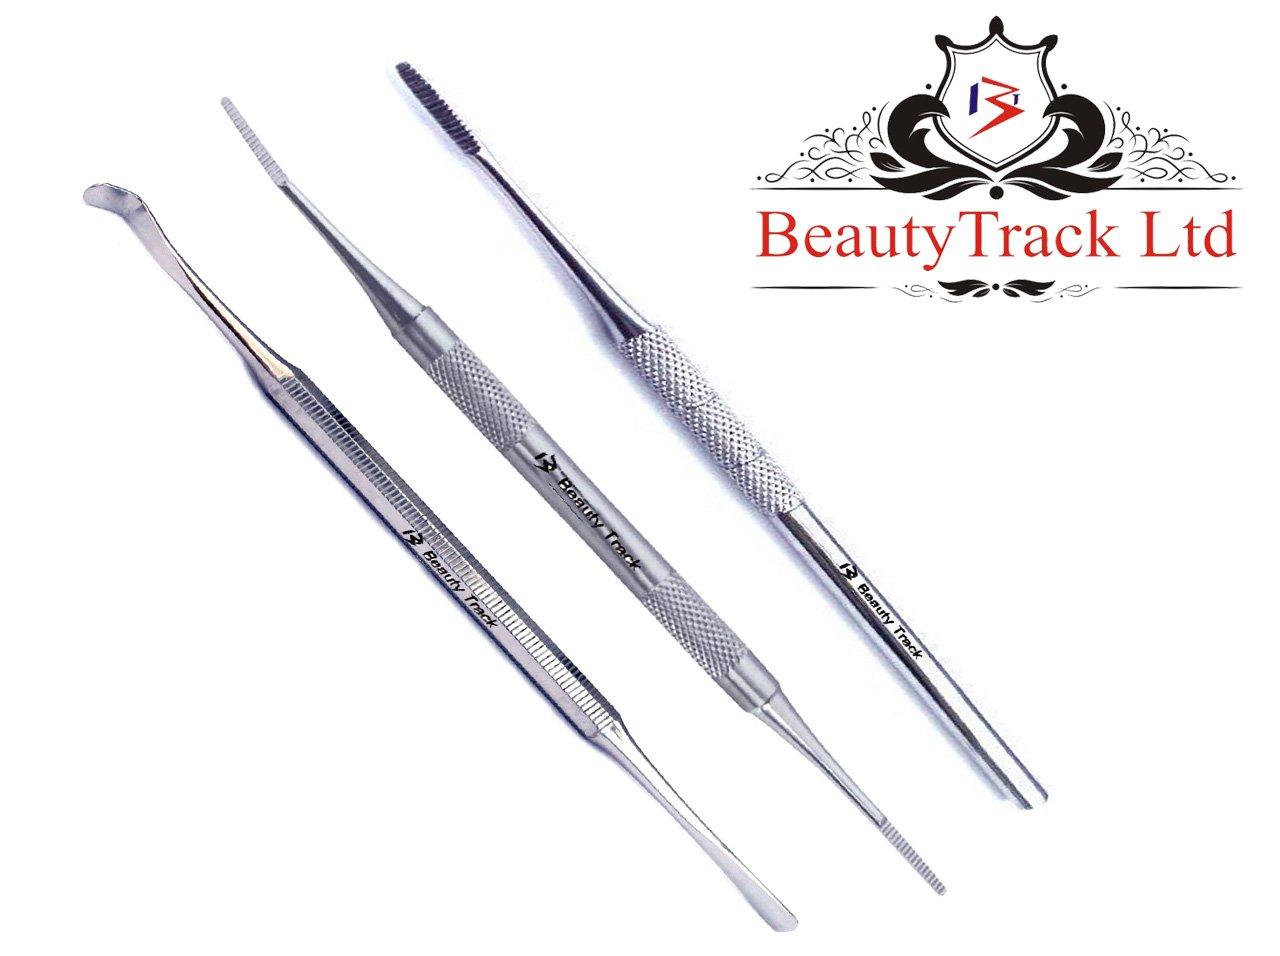 BeautyTrack - Lima per Unghie incarnite & Lifter kit bordi laterali Chiropody incarnite - acciaio inox Podologia strumenti